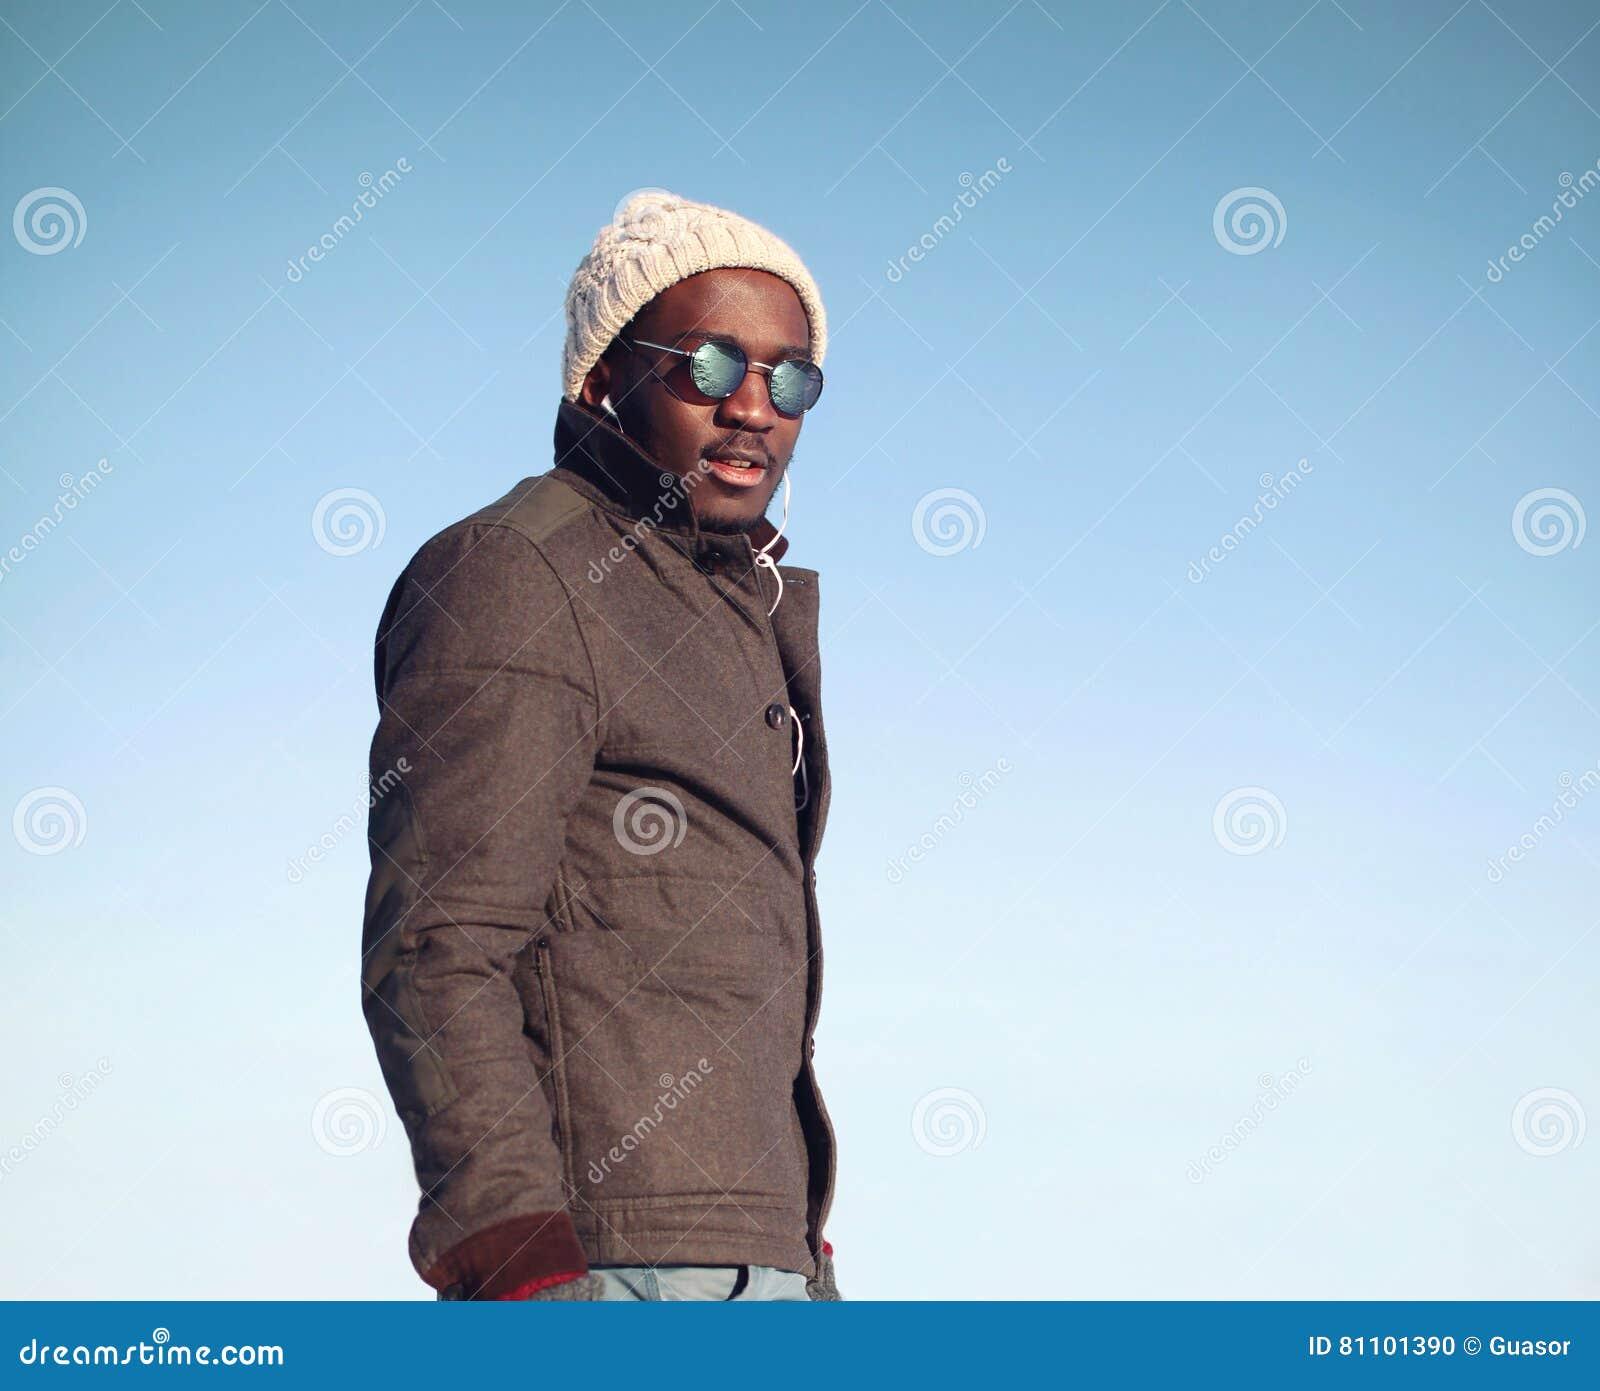 94d0740c9 El hombre africano del retrato de la moda escucha la música en invierno  sobre el cielo